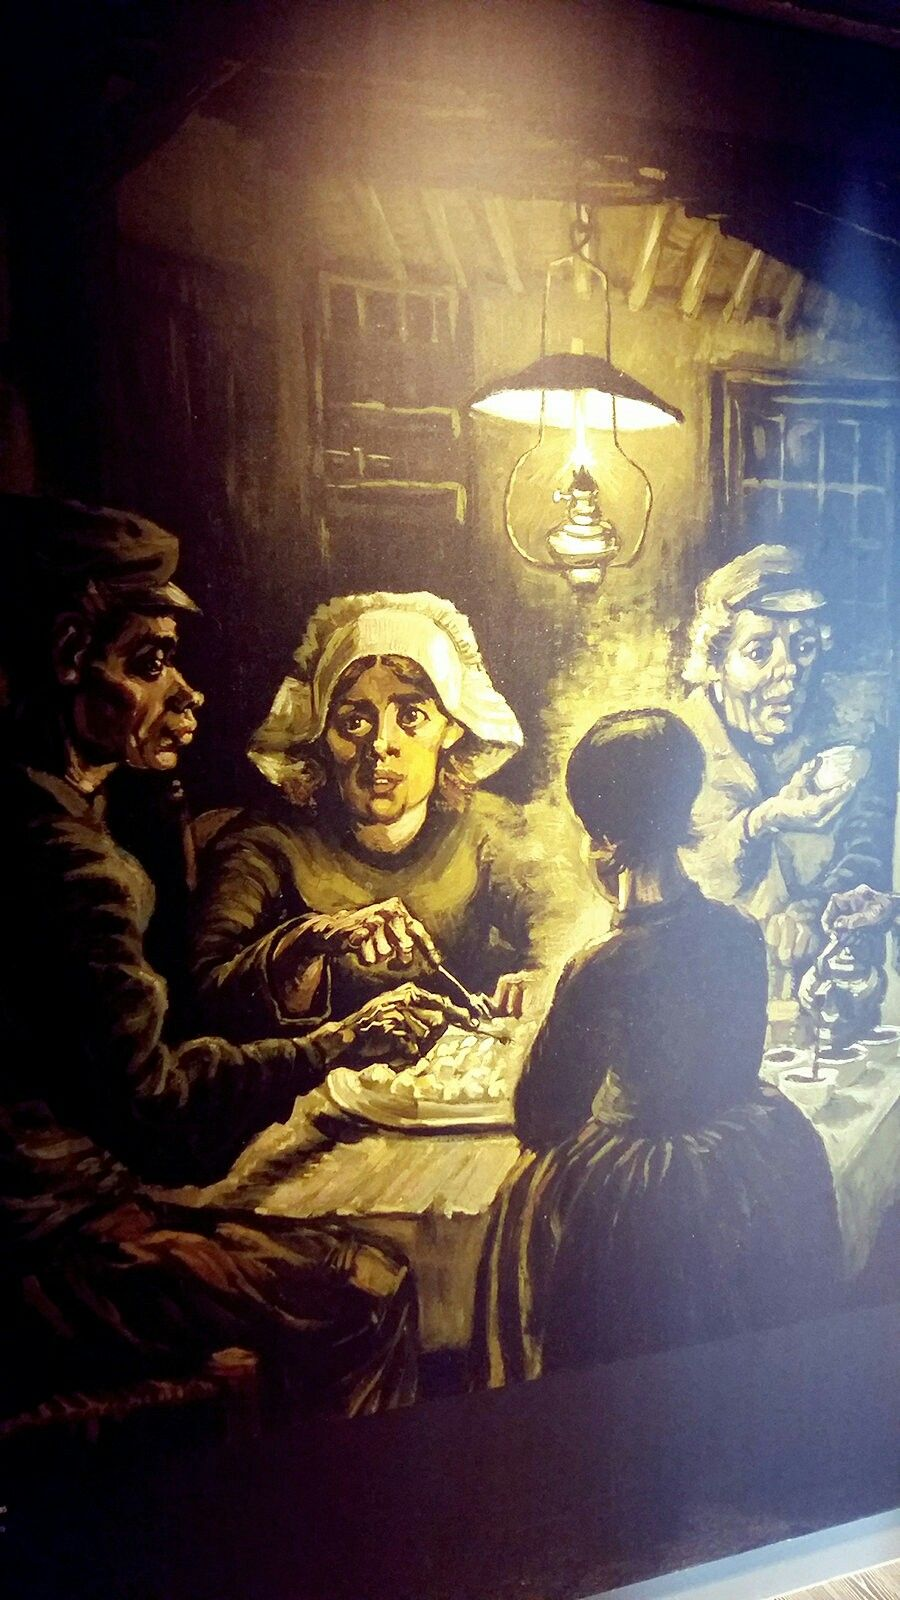 Les Mangeurs De Pommes De Terre : mangeurs, pommes, terre, Philips, Museum, Peintures, Gogh,, Mangeurs, Pommes, Terre